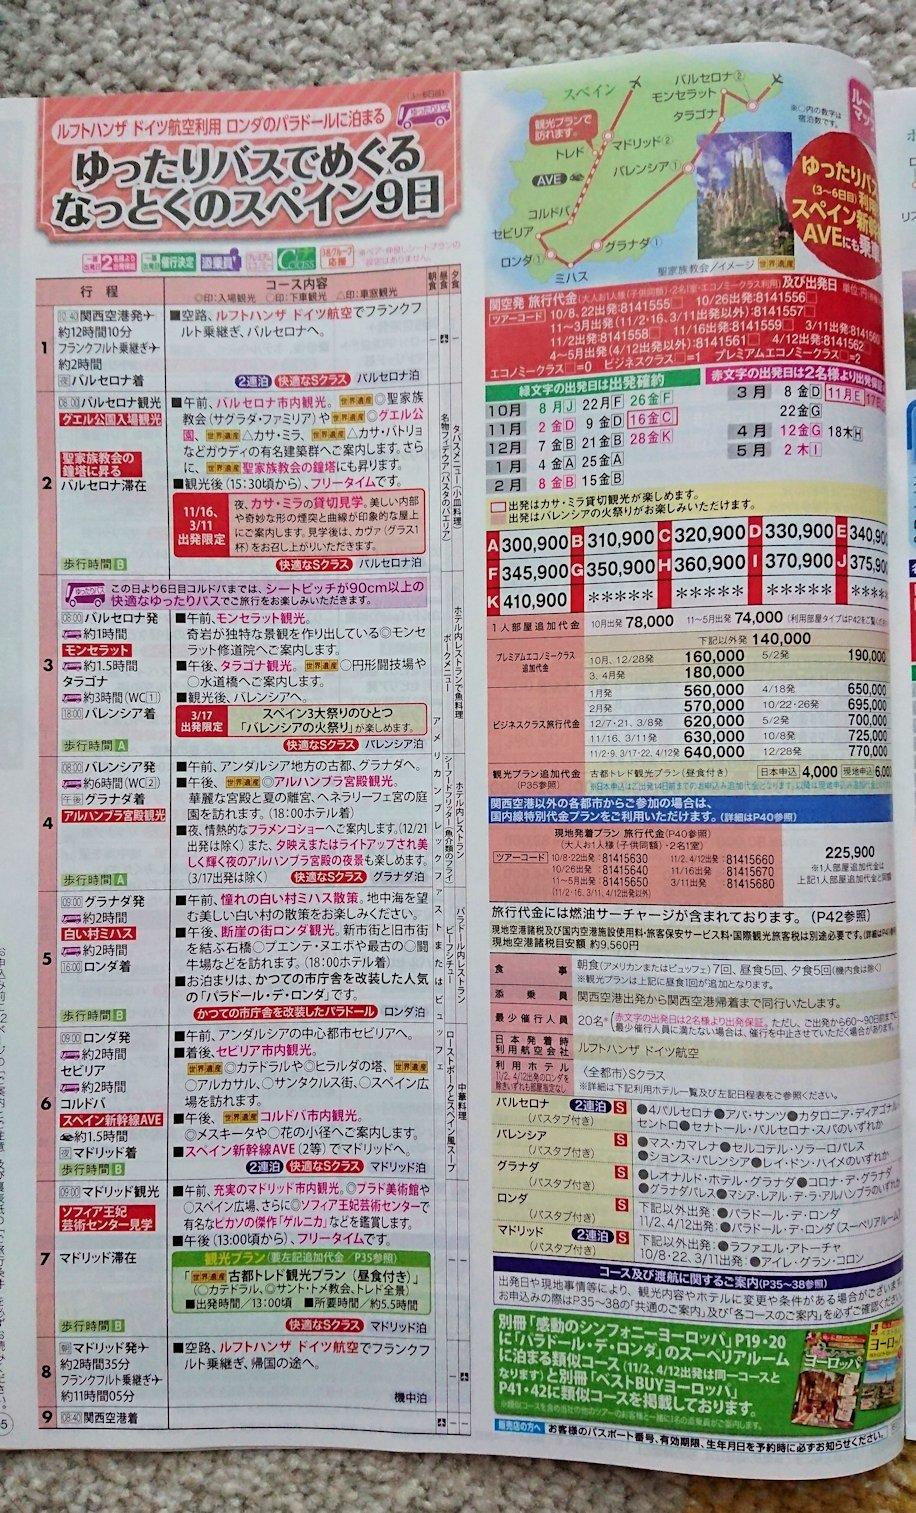 日本旅行 パンフレット スペイン